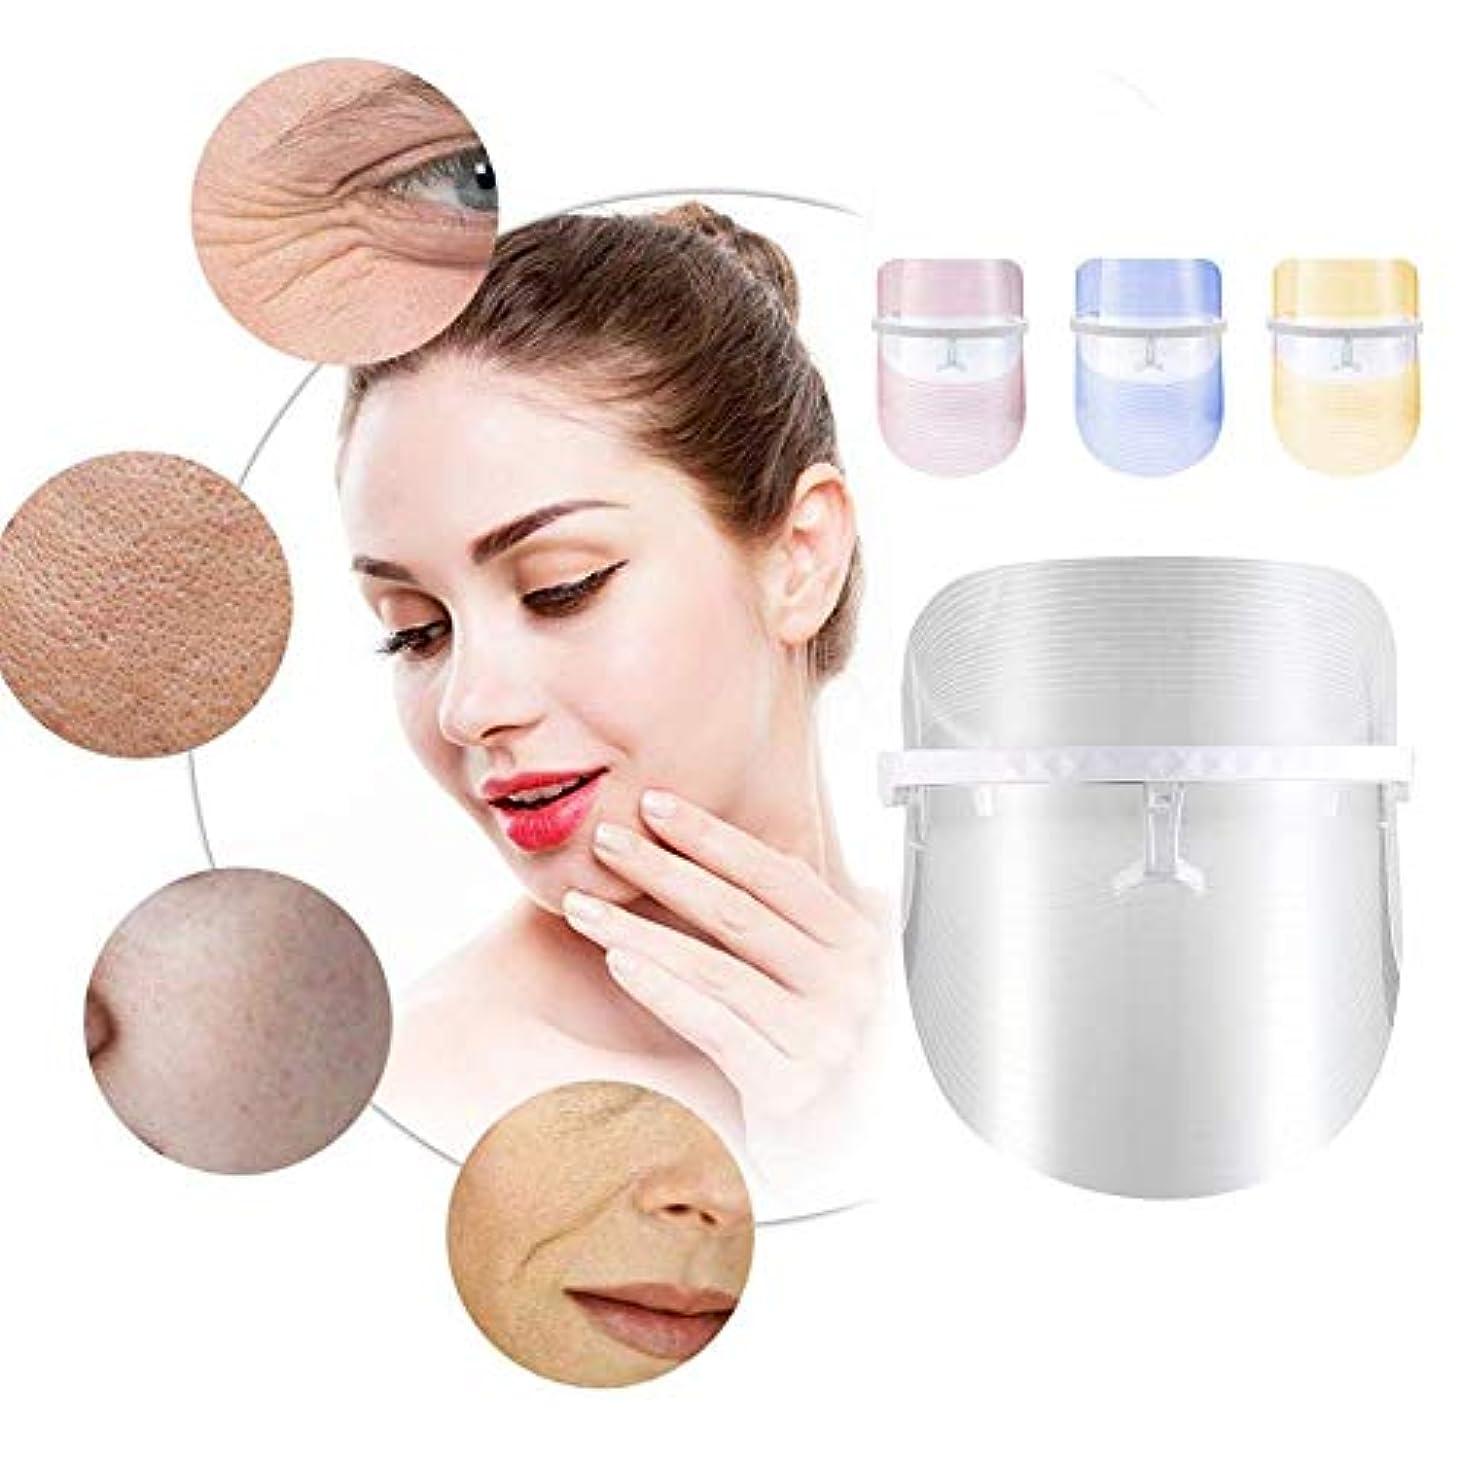 3色LEDフェイシャルマスク美容器具光線療法赤青とオレンジの光の収縮孔は顔ケアツールを若返らせる